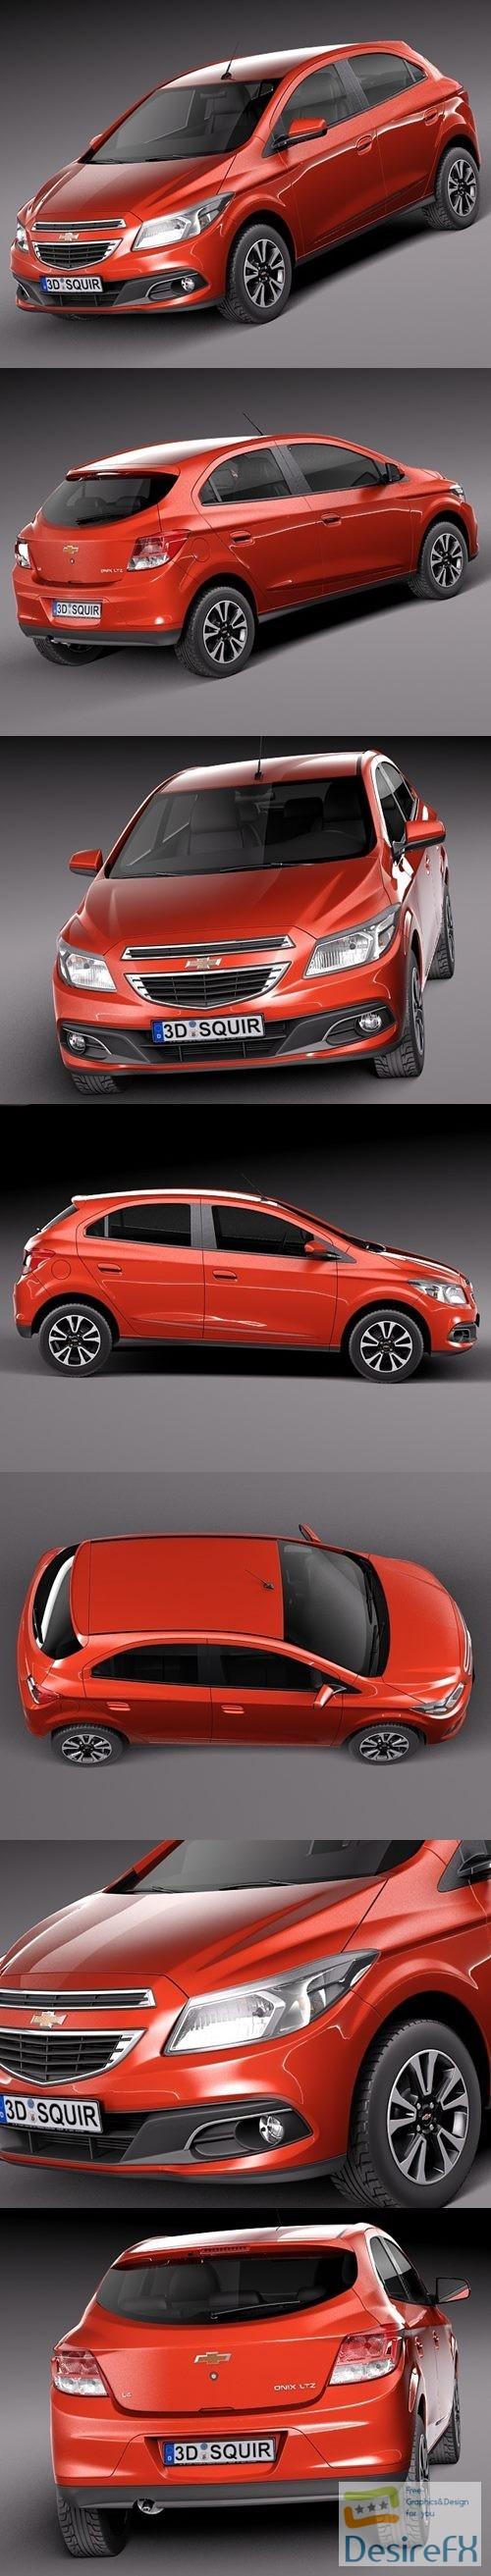 3d-models - Chevrolet Onix 2013 3D Model